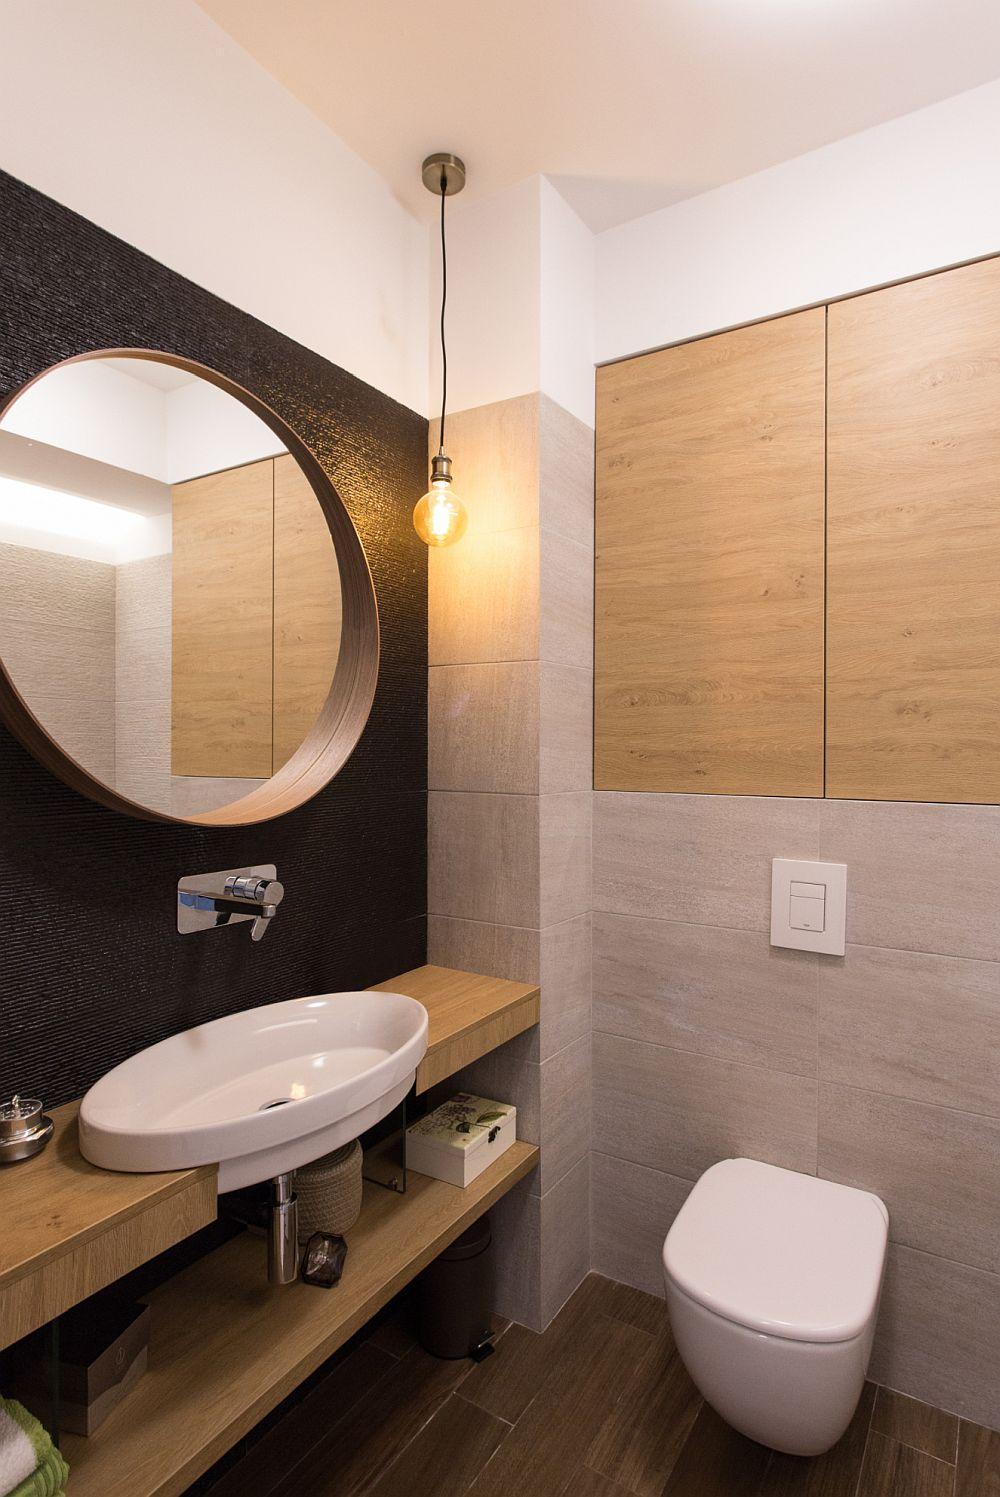 Baia matrimonială este tratată funcționalși actual cu mobilier realizat pe comandă la Mob Design Oradea și plcăi ceramice de la Nova Ambient Oradea.